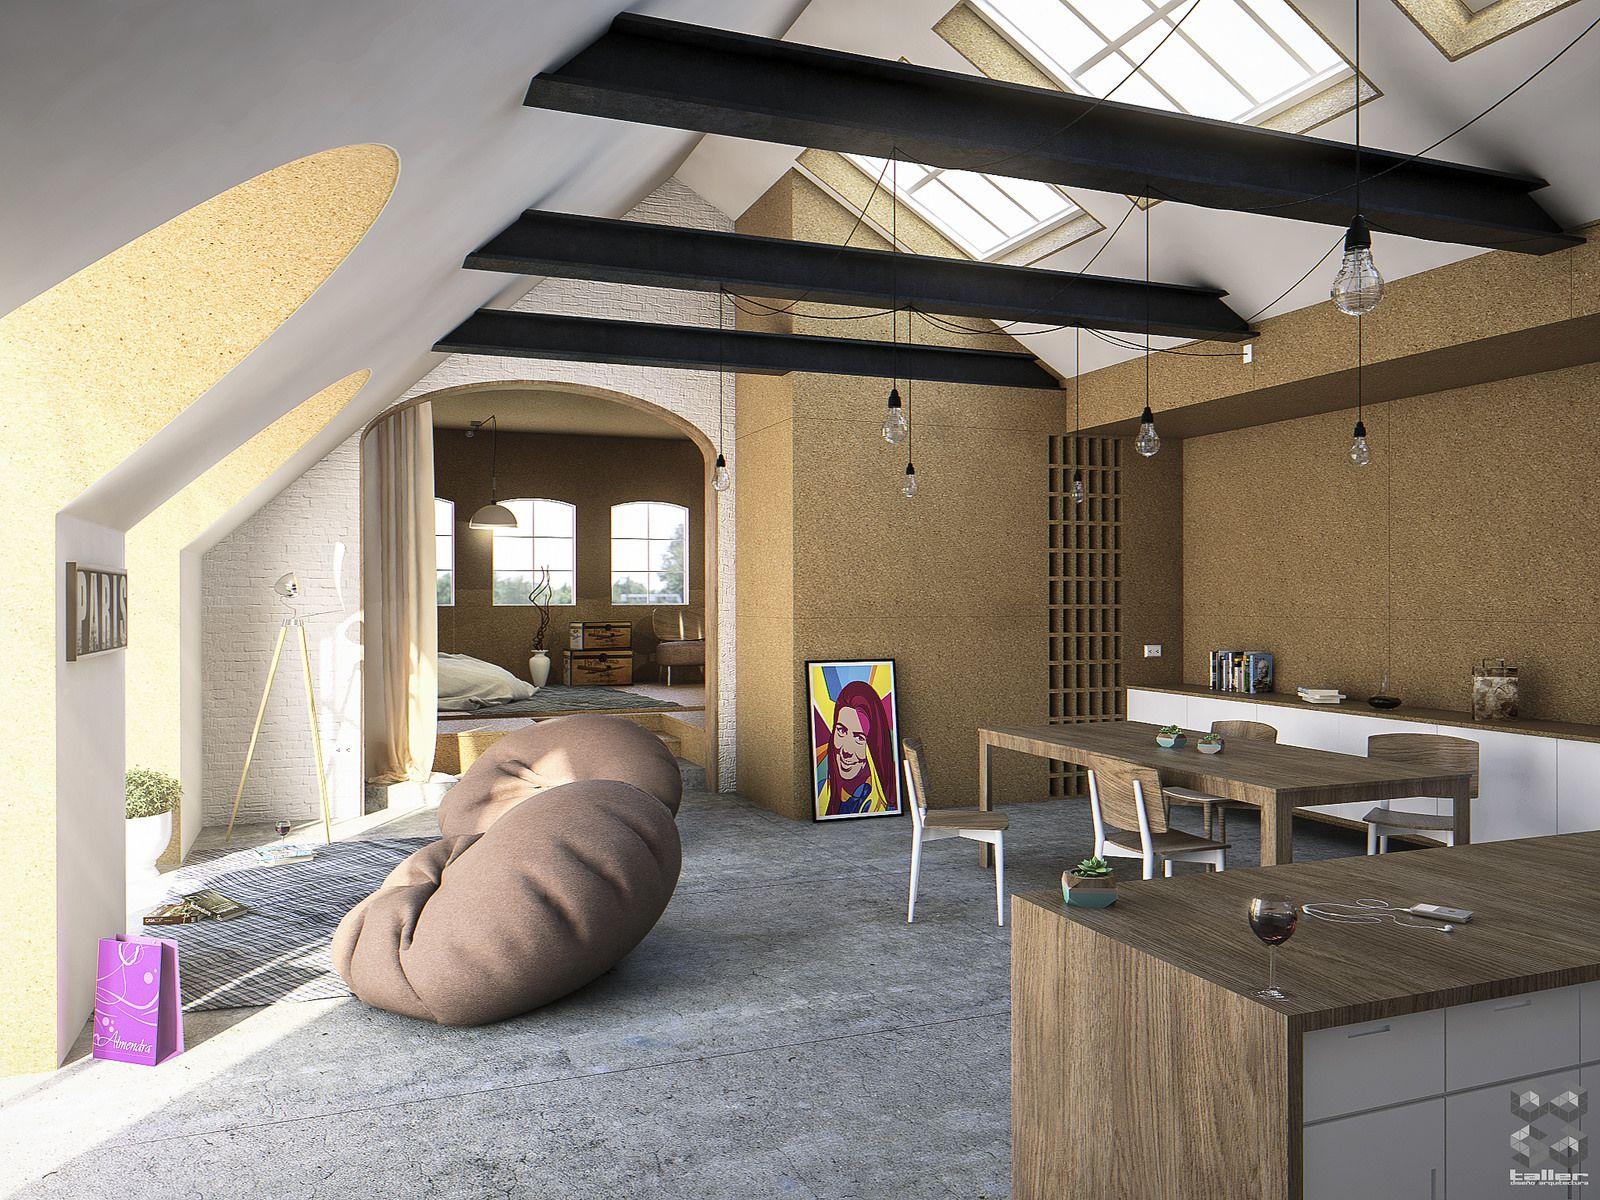 Visualizaci n arquitect nica dise o interior casa taller for Taller de diseno de interiores